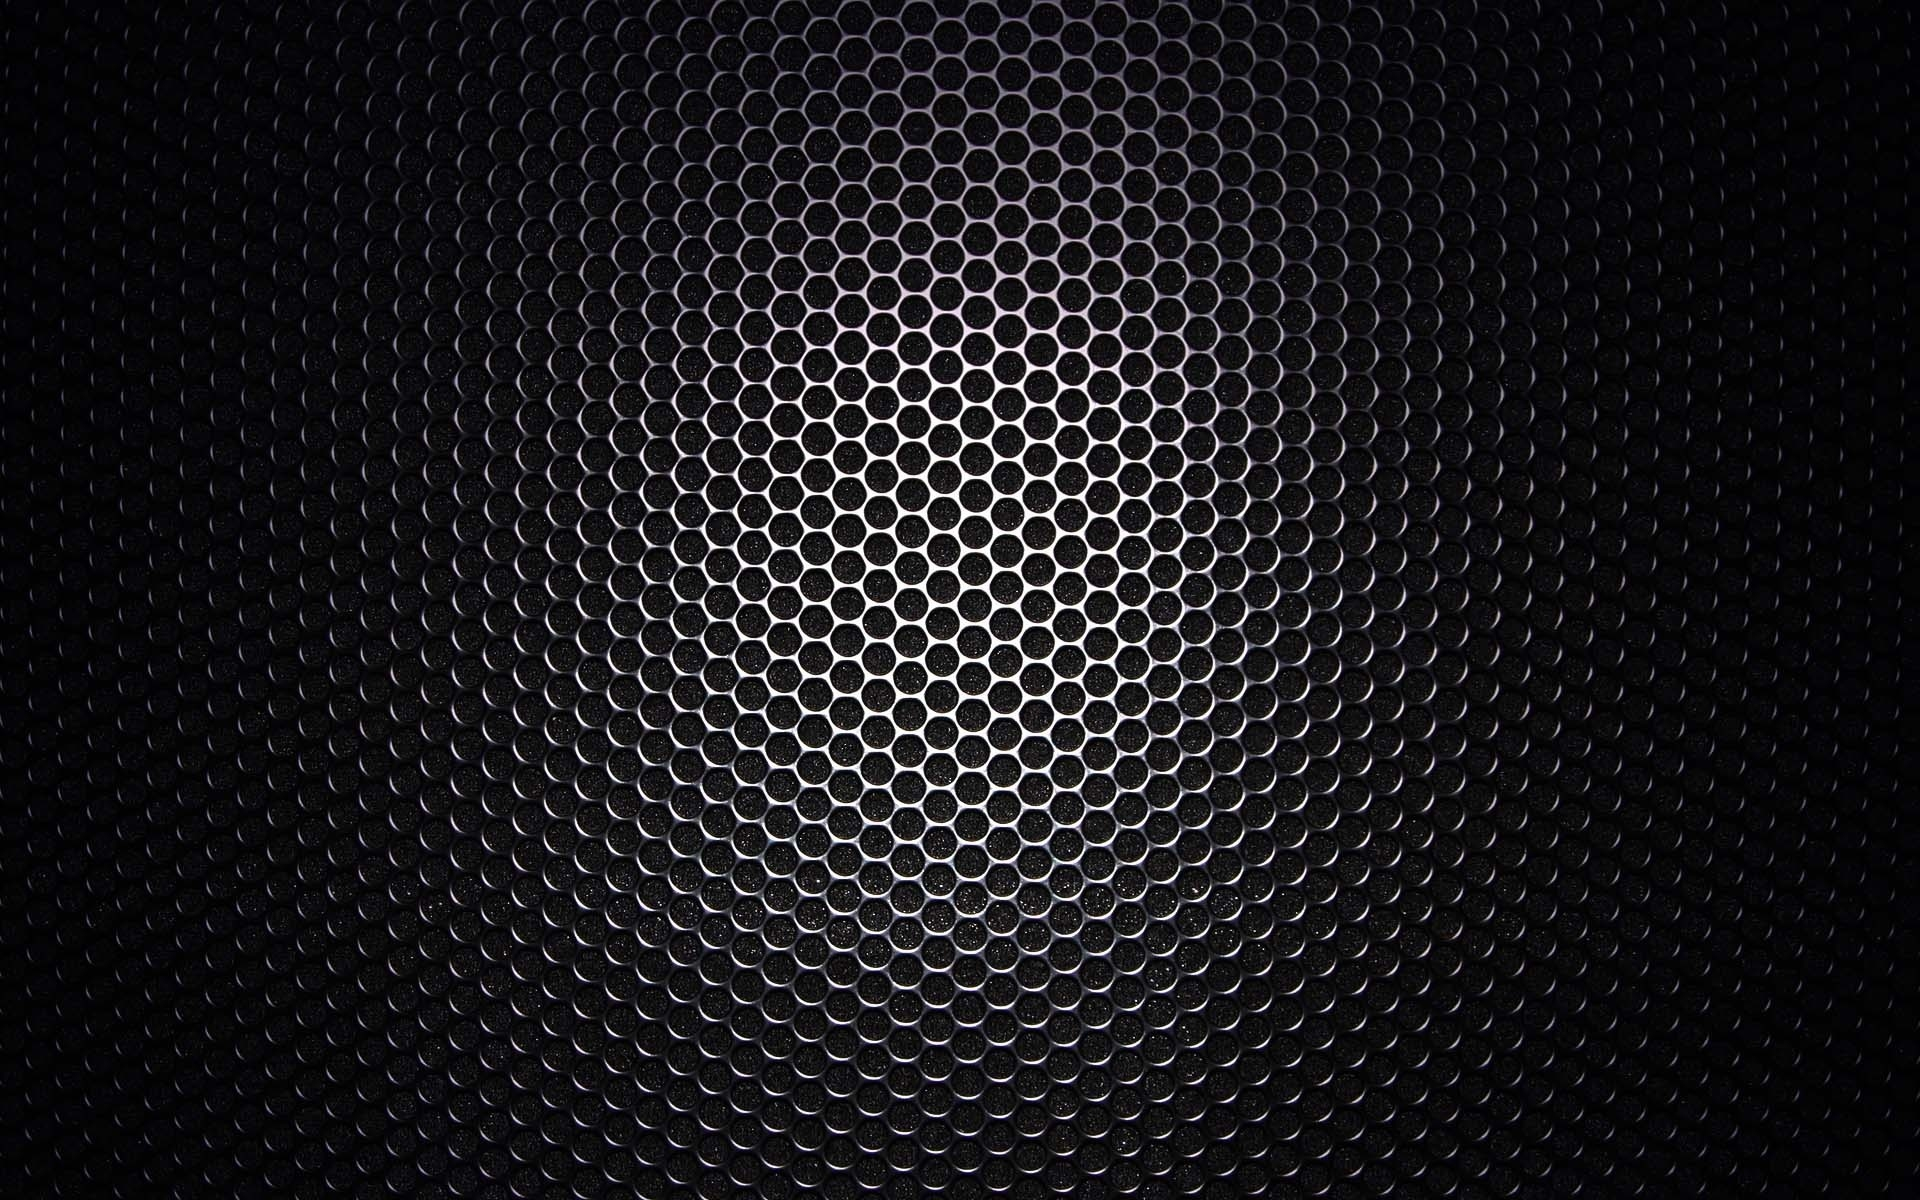 Metal Texture Wallpaper - WallpaperSafari